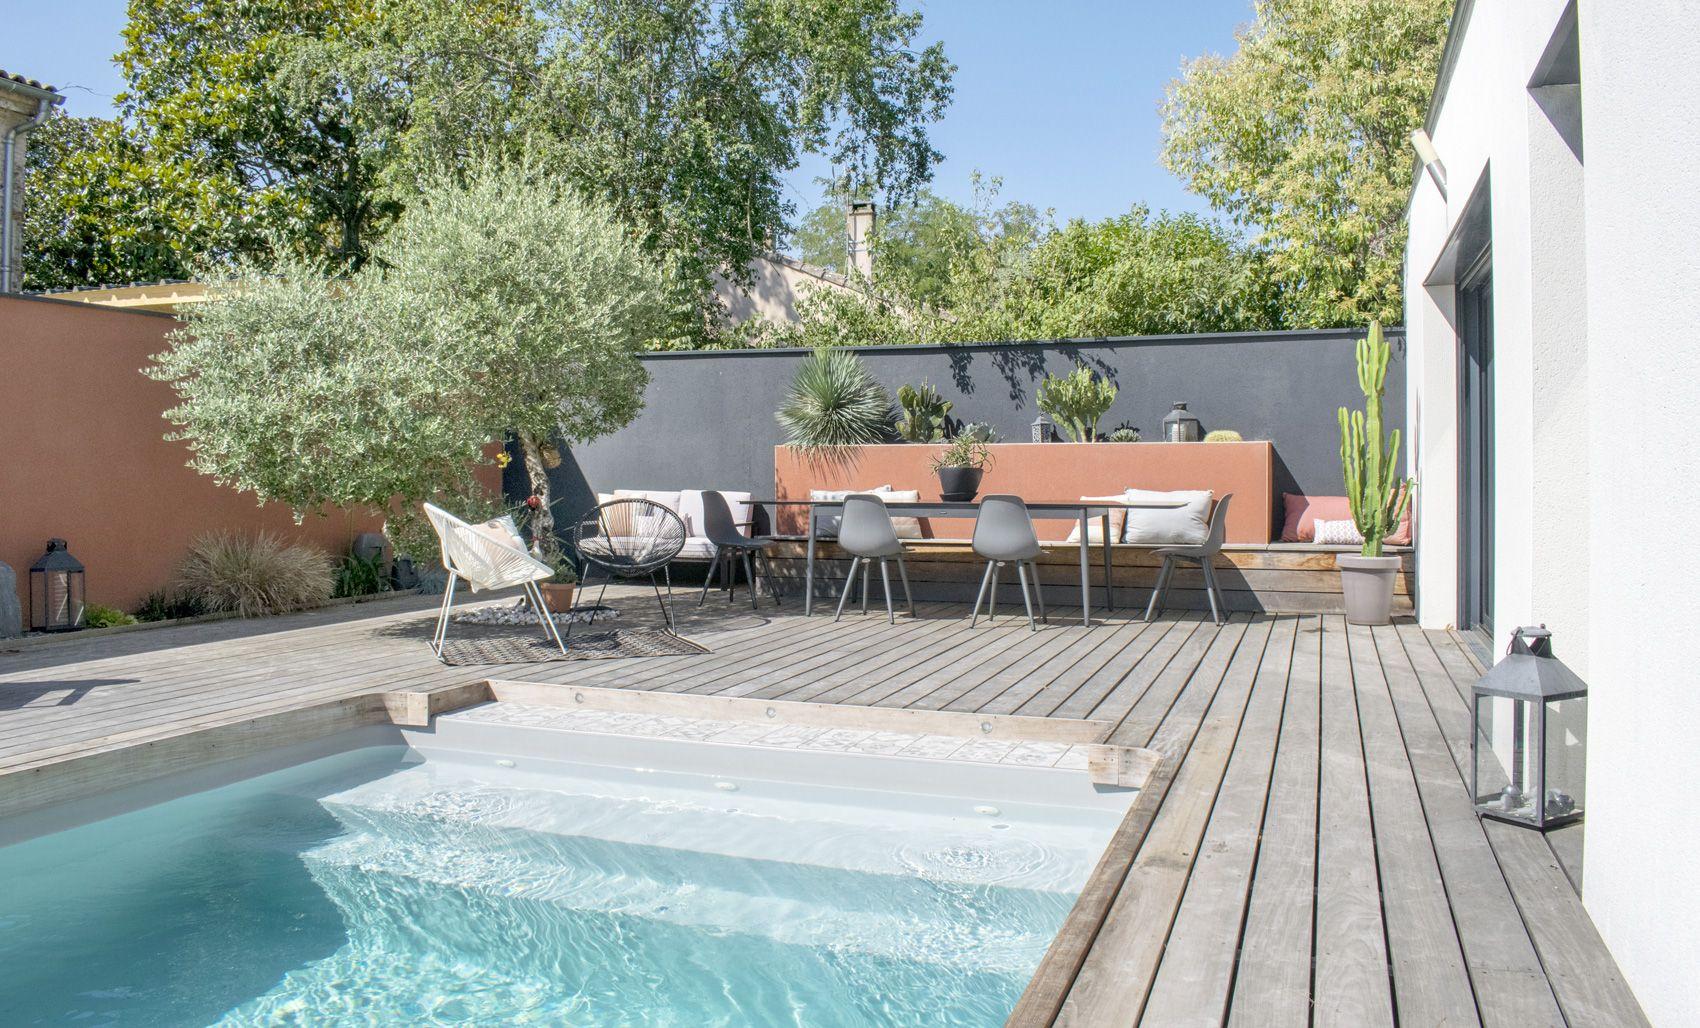 Jardin Moderne Design Piscine Terracotta Terrasse Bois Exotique